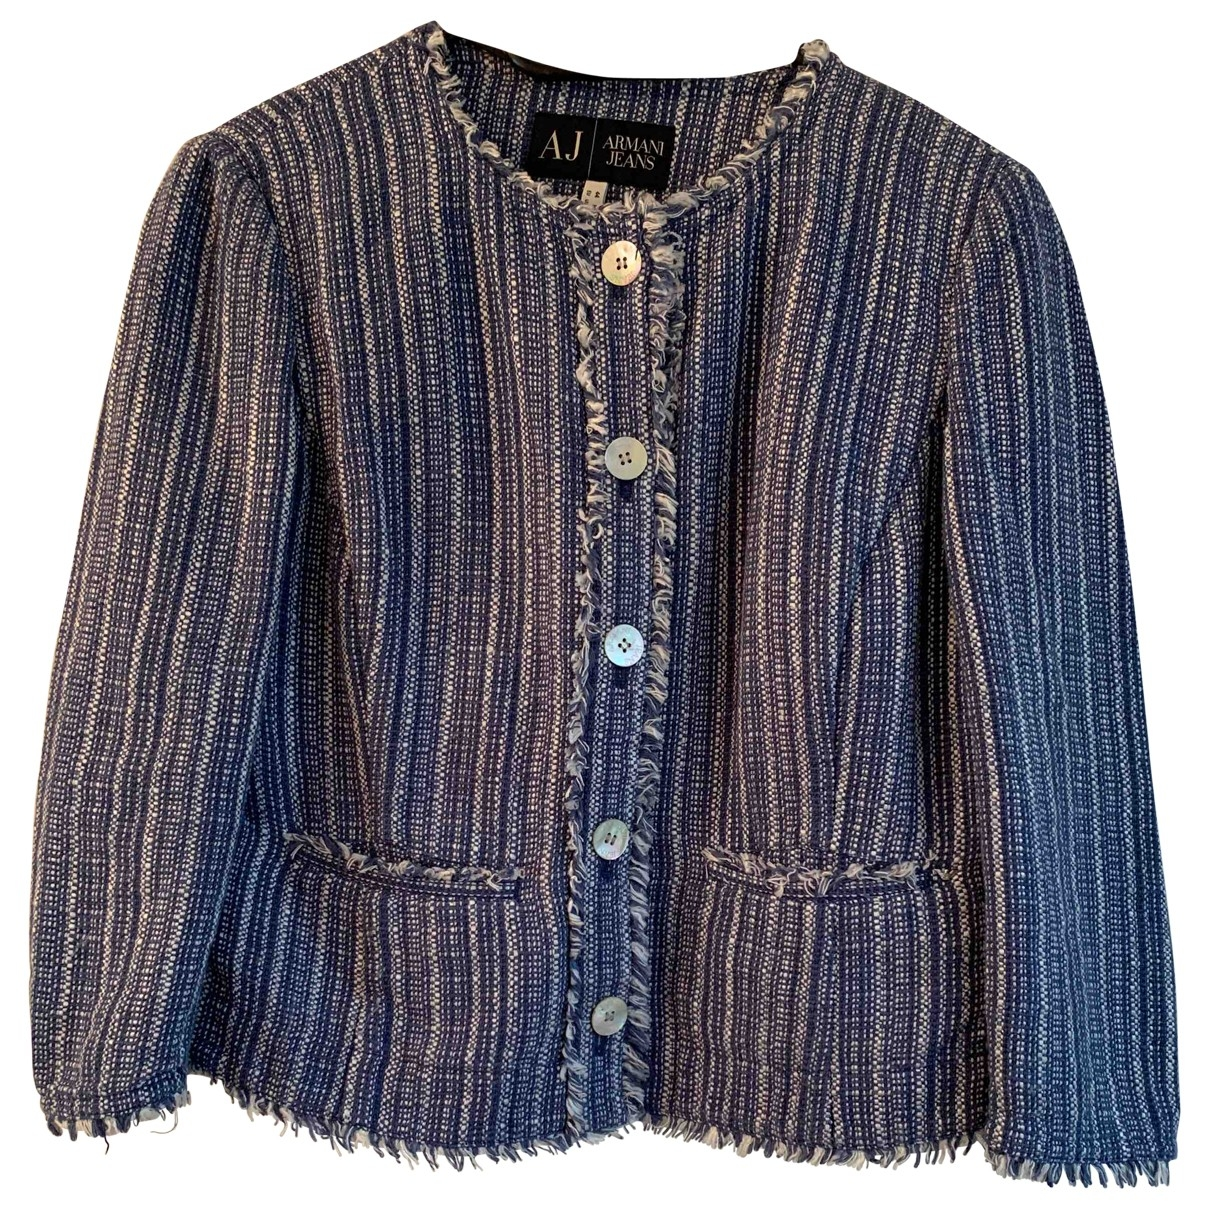 Armani Jean - Veste   pour femme en coton - bleu